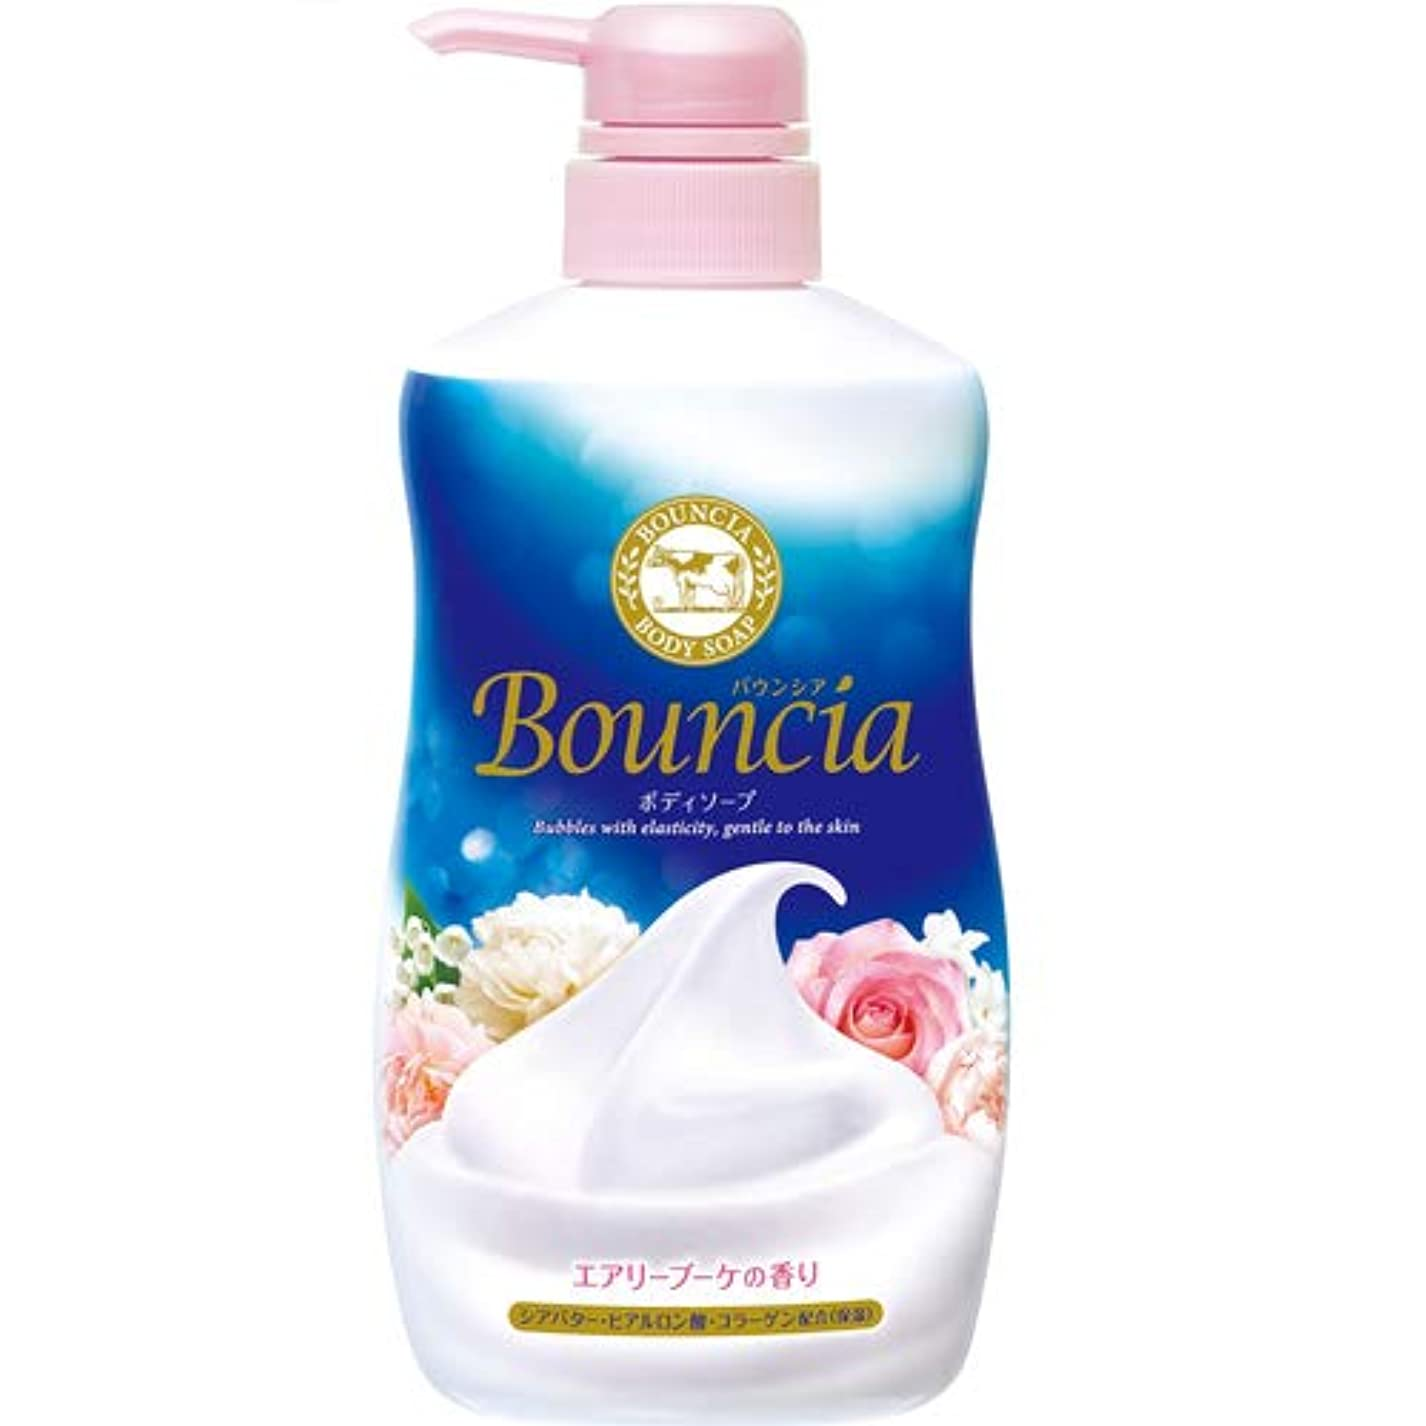 ボット嵐の海外バウンシア ボディソープ エアリーブーケの香り ポンプ付 500mL